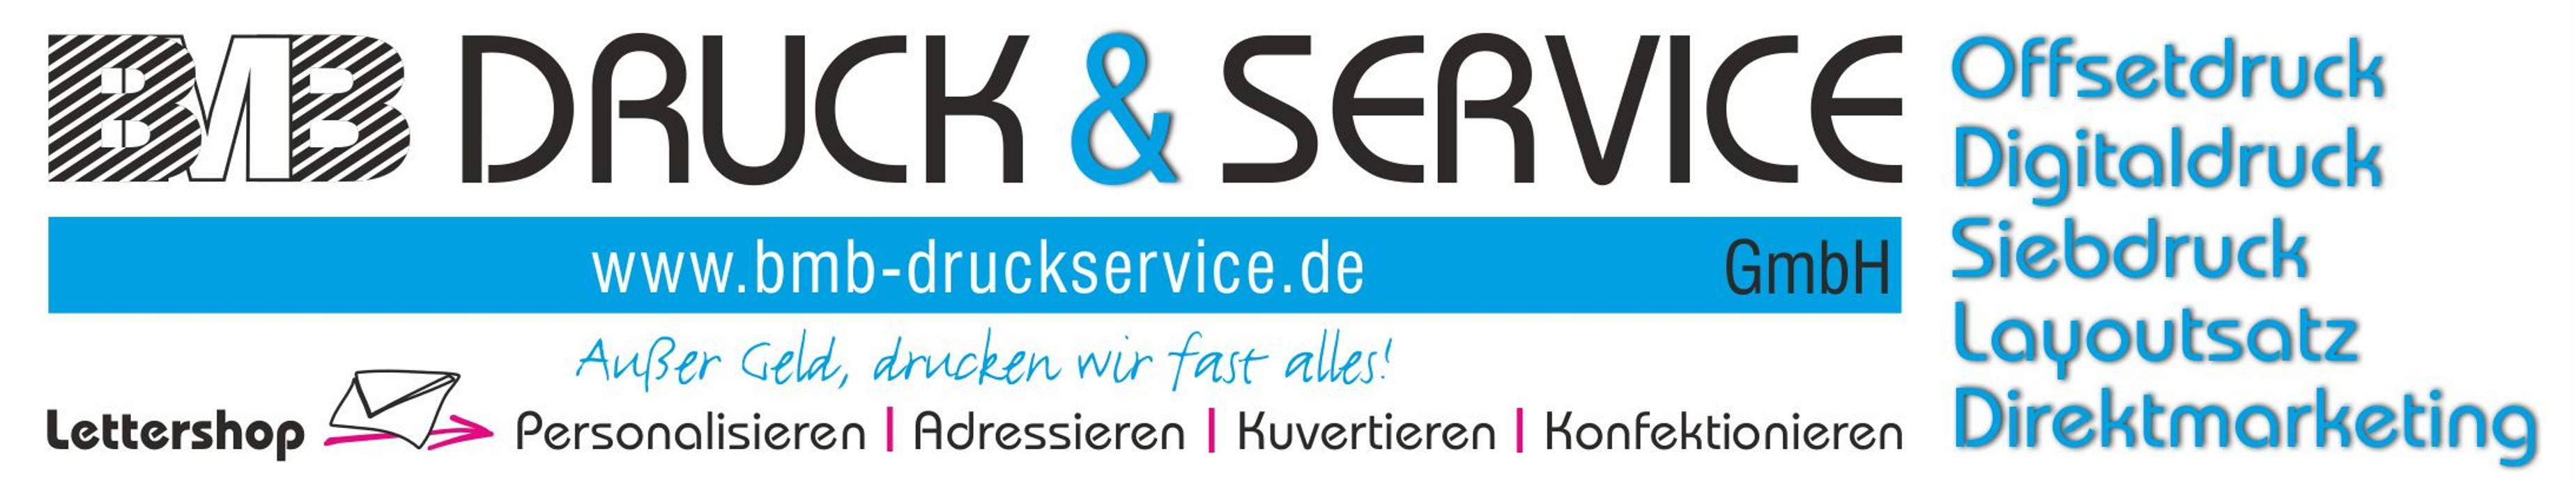 Bild zu BMB Druck & Service GmbH in Düsseldorf